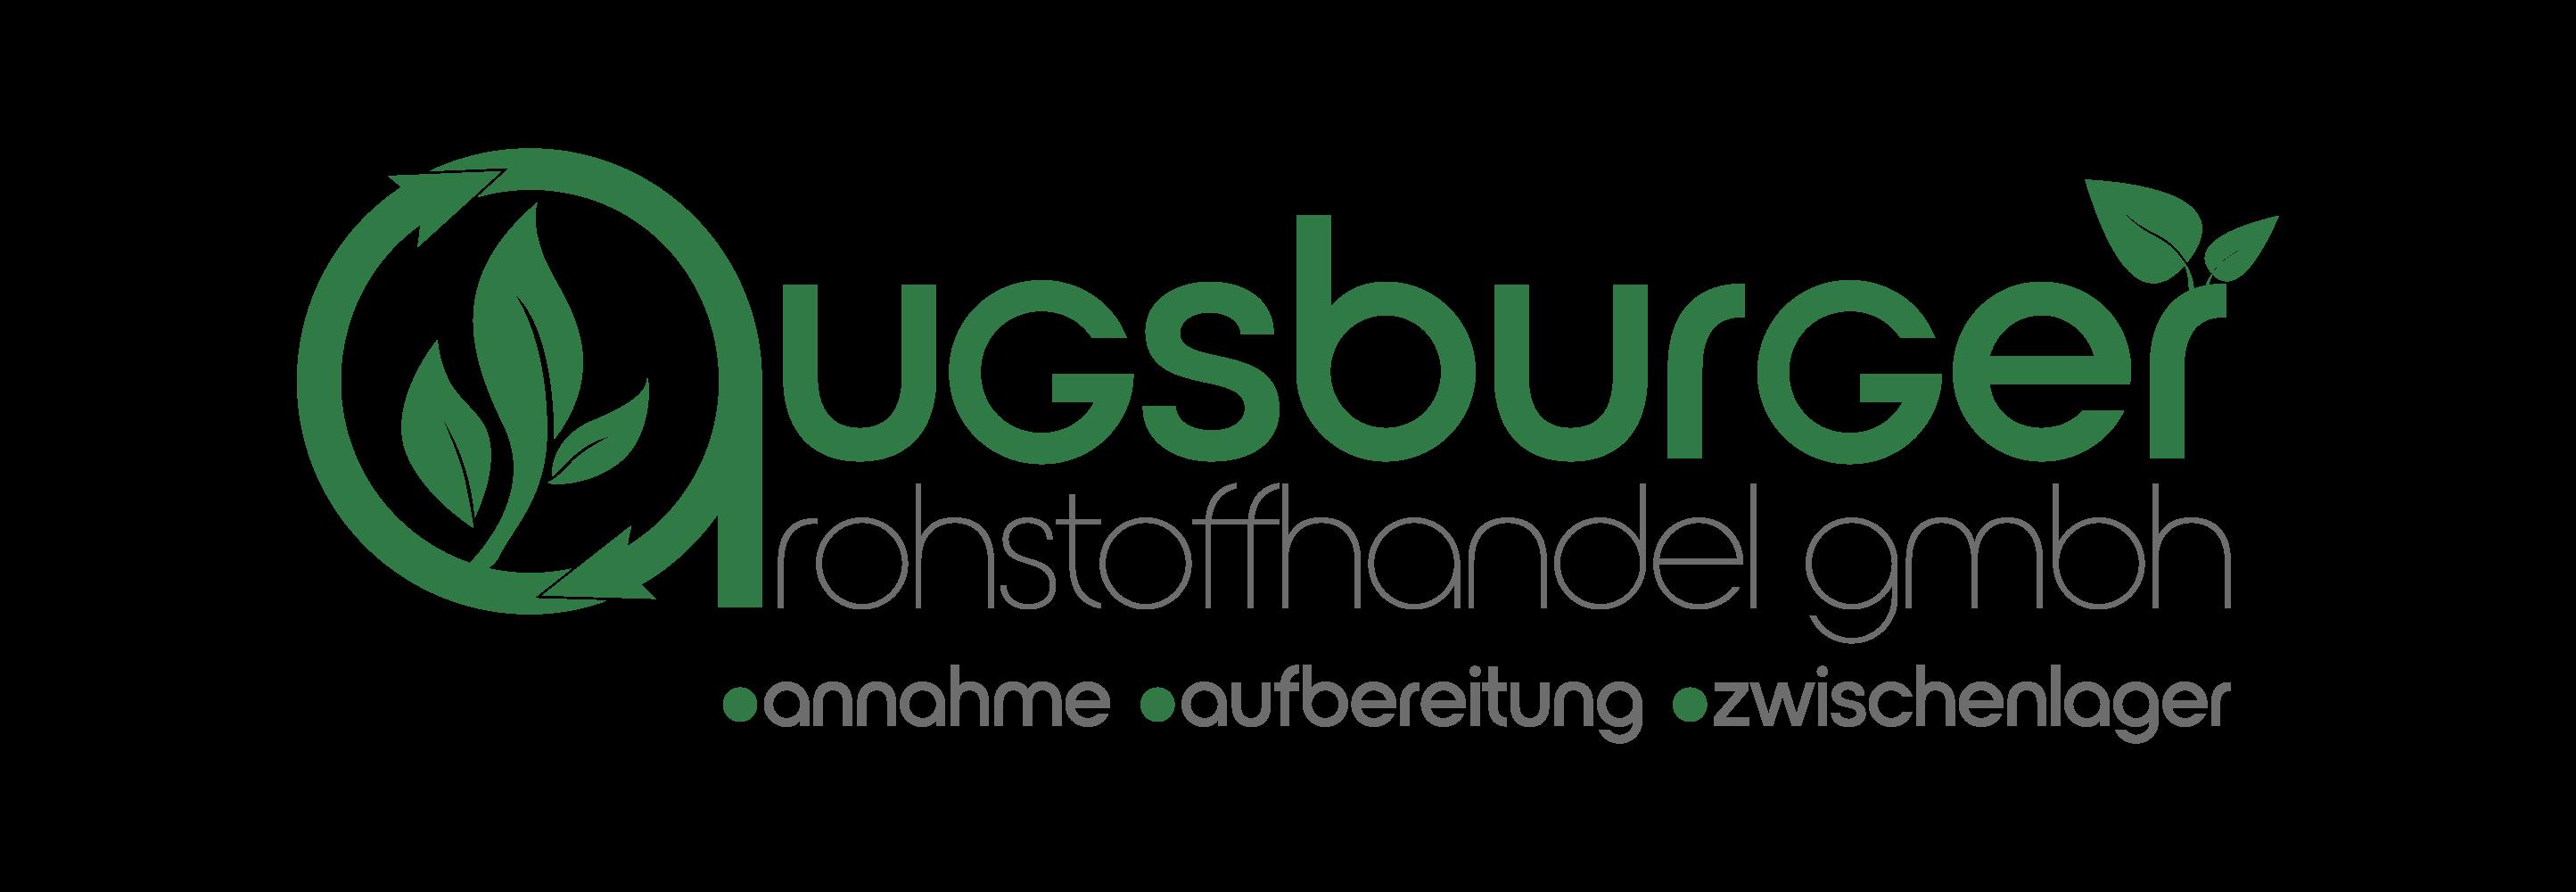 Augsburger Rohstoffhandel GmbH, Rohstoffhandel, Rohstoffe